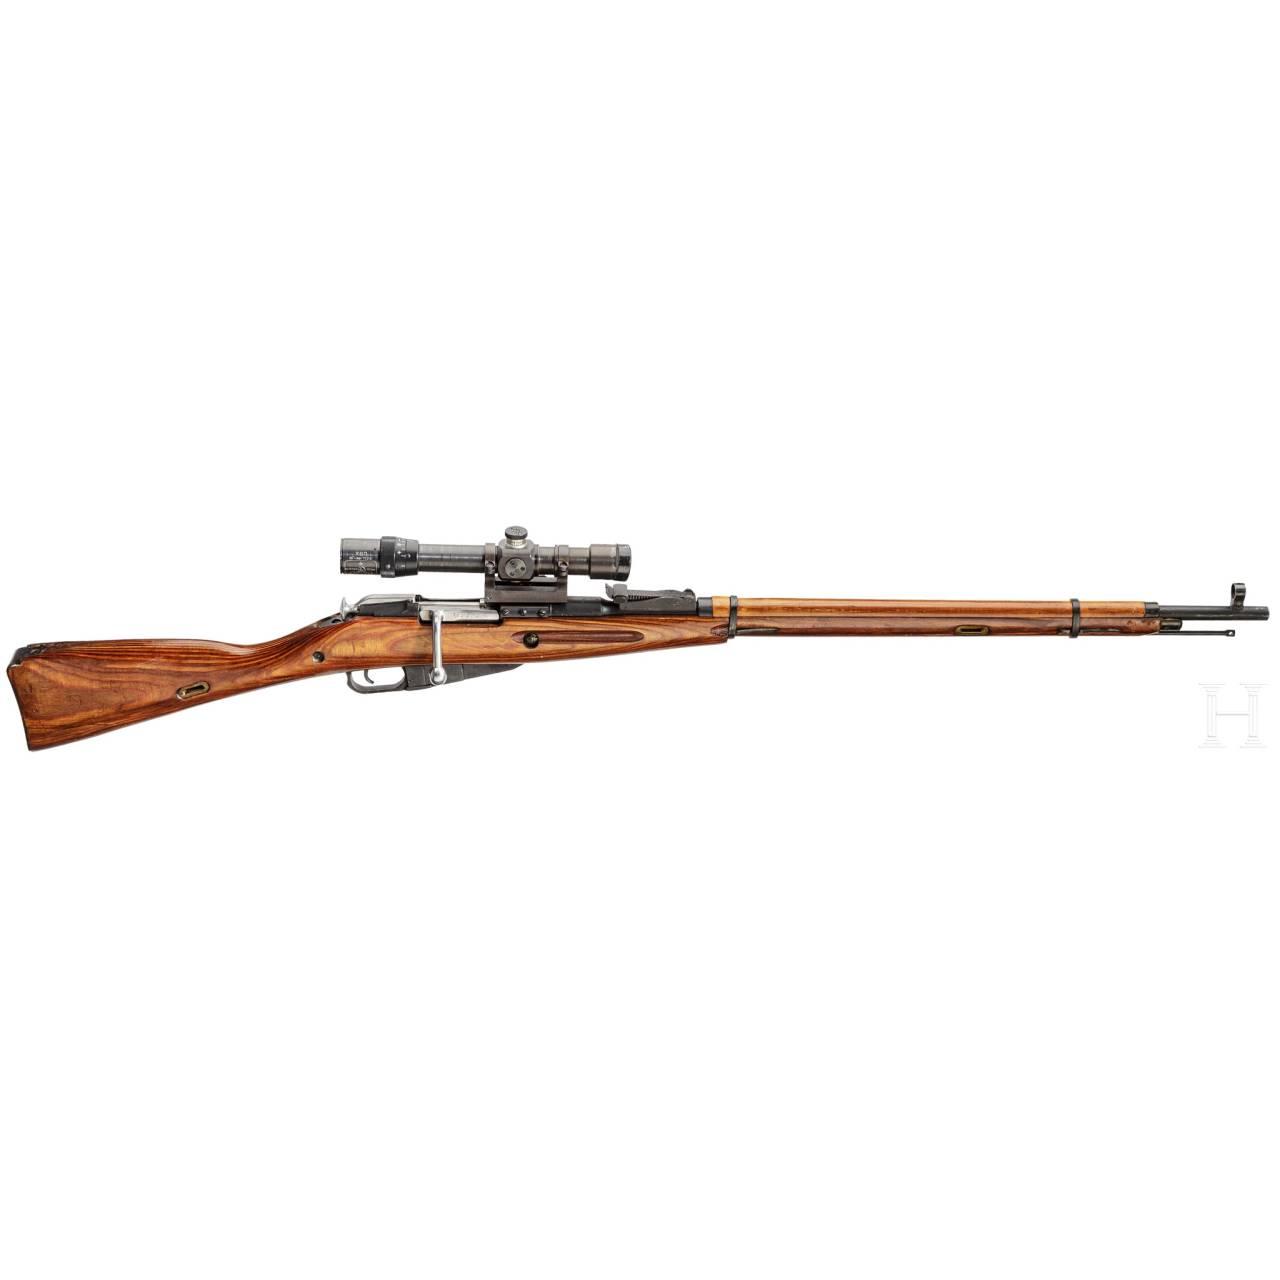 Scharfschützengewehr Mosin-Nagant Mod. 1891/30, mit ZF PE 1. Modell